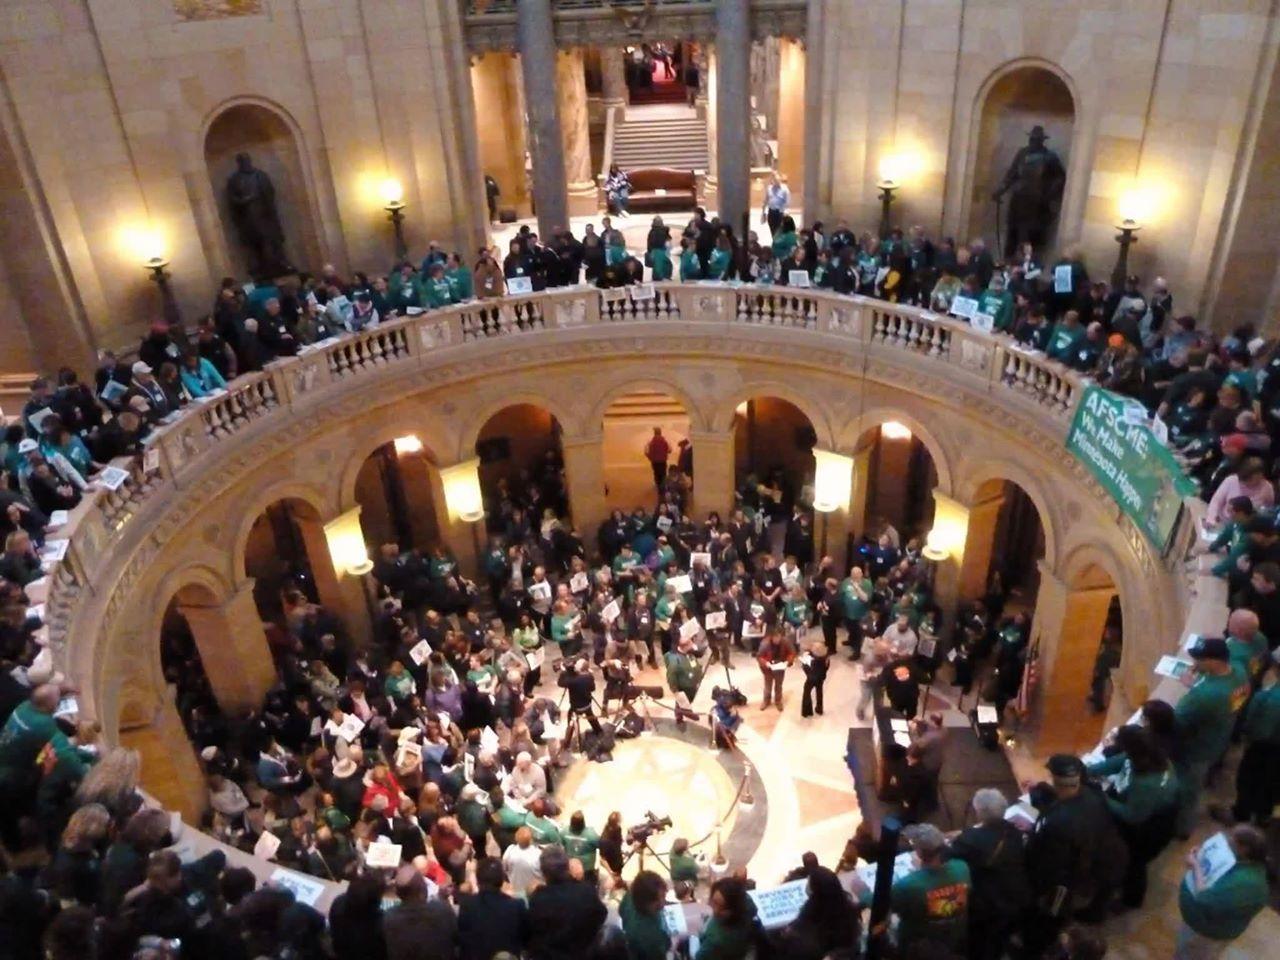 rally in the Capitol Rotunda